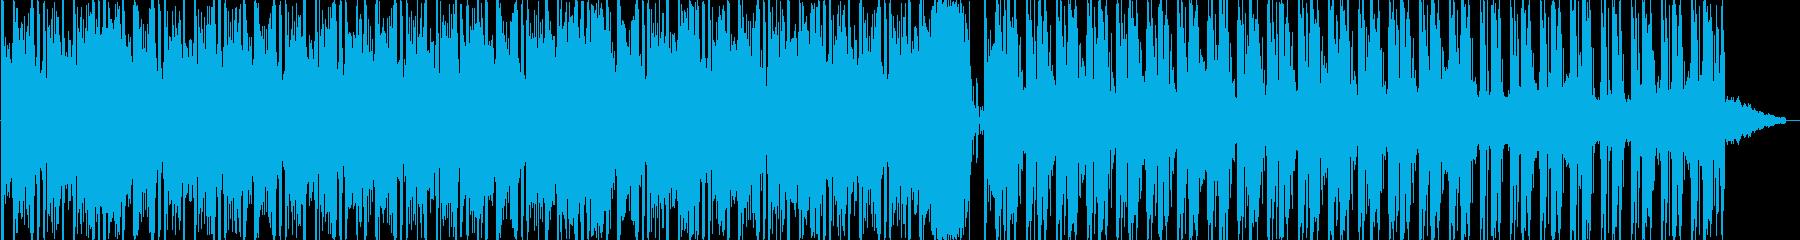 ワクワク感のあるテクノポップスの再生済みの波形